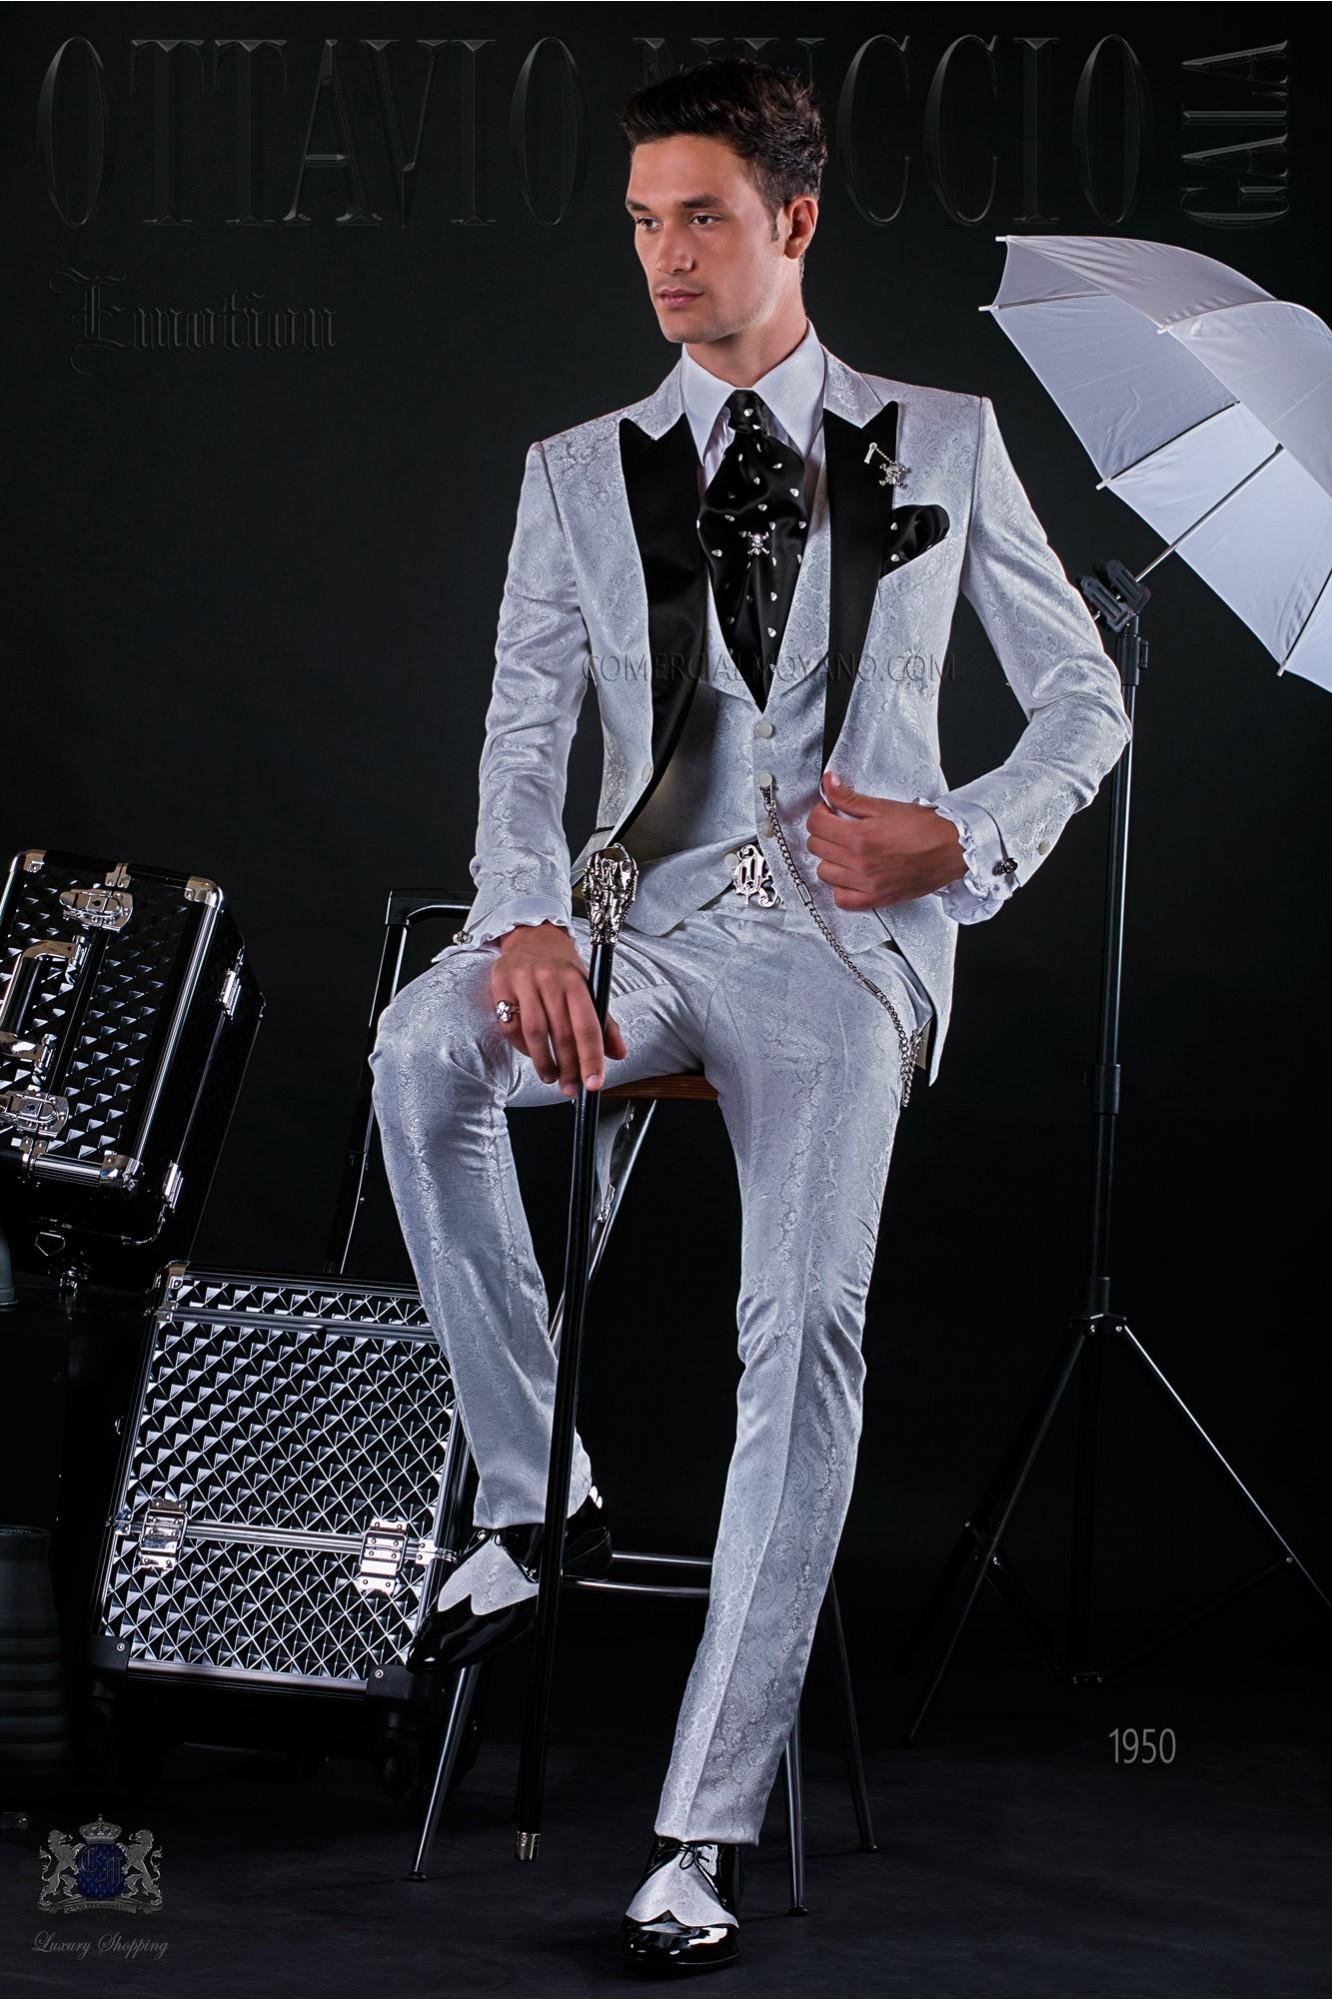 Traje de moda italiano a medida de jacquard blanco y negro modelo: 1950 Ottavio Nuccio Gala colección Emotion 2017